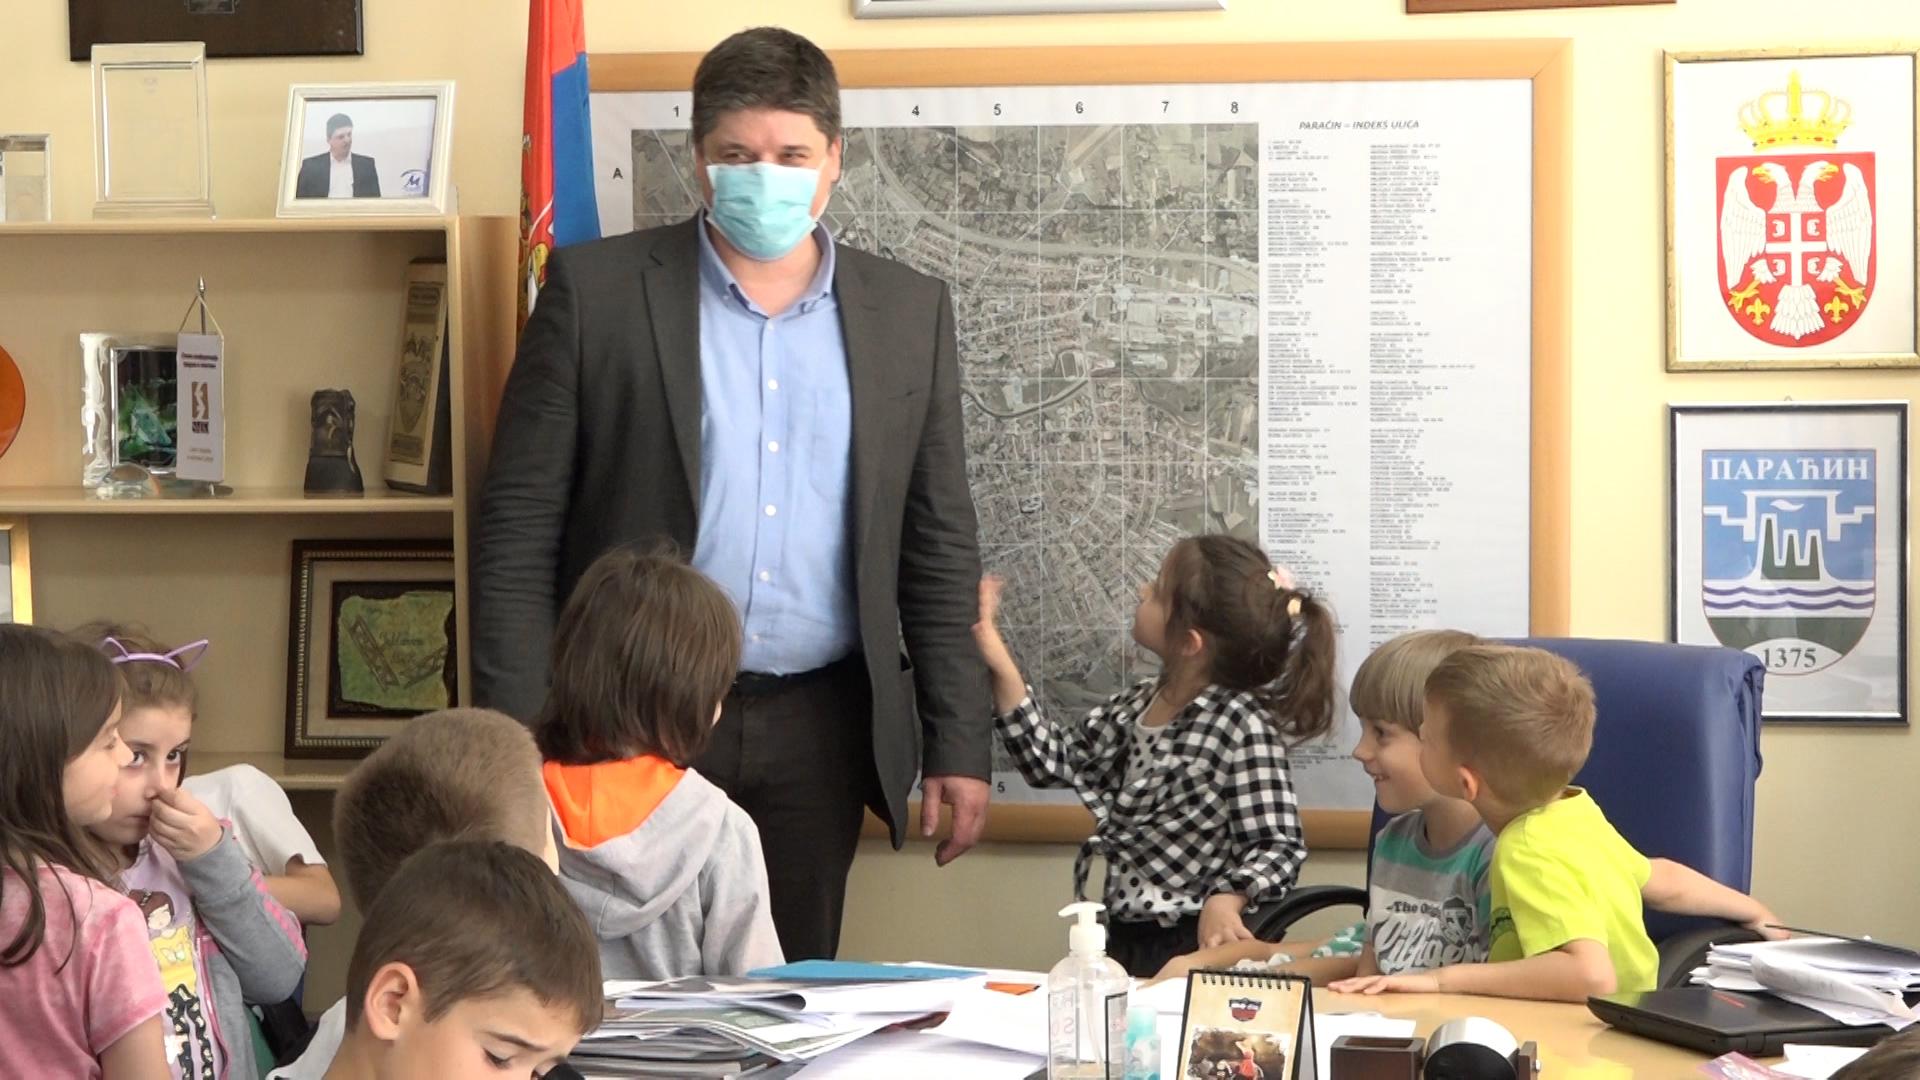 Predsednik Opštine Vladimir Milićević ugostio paraćinske predškolce